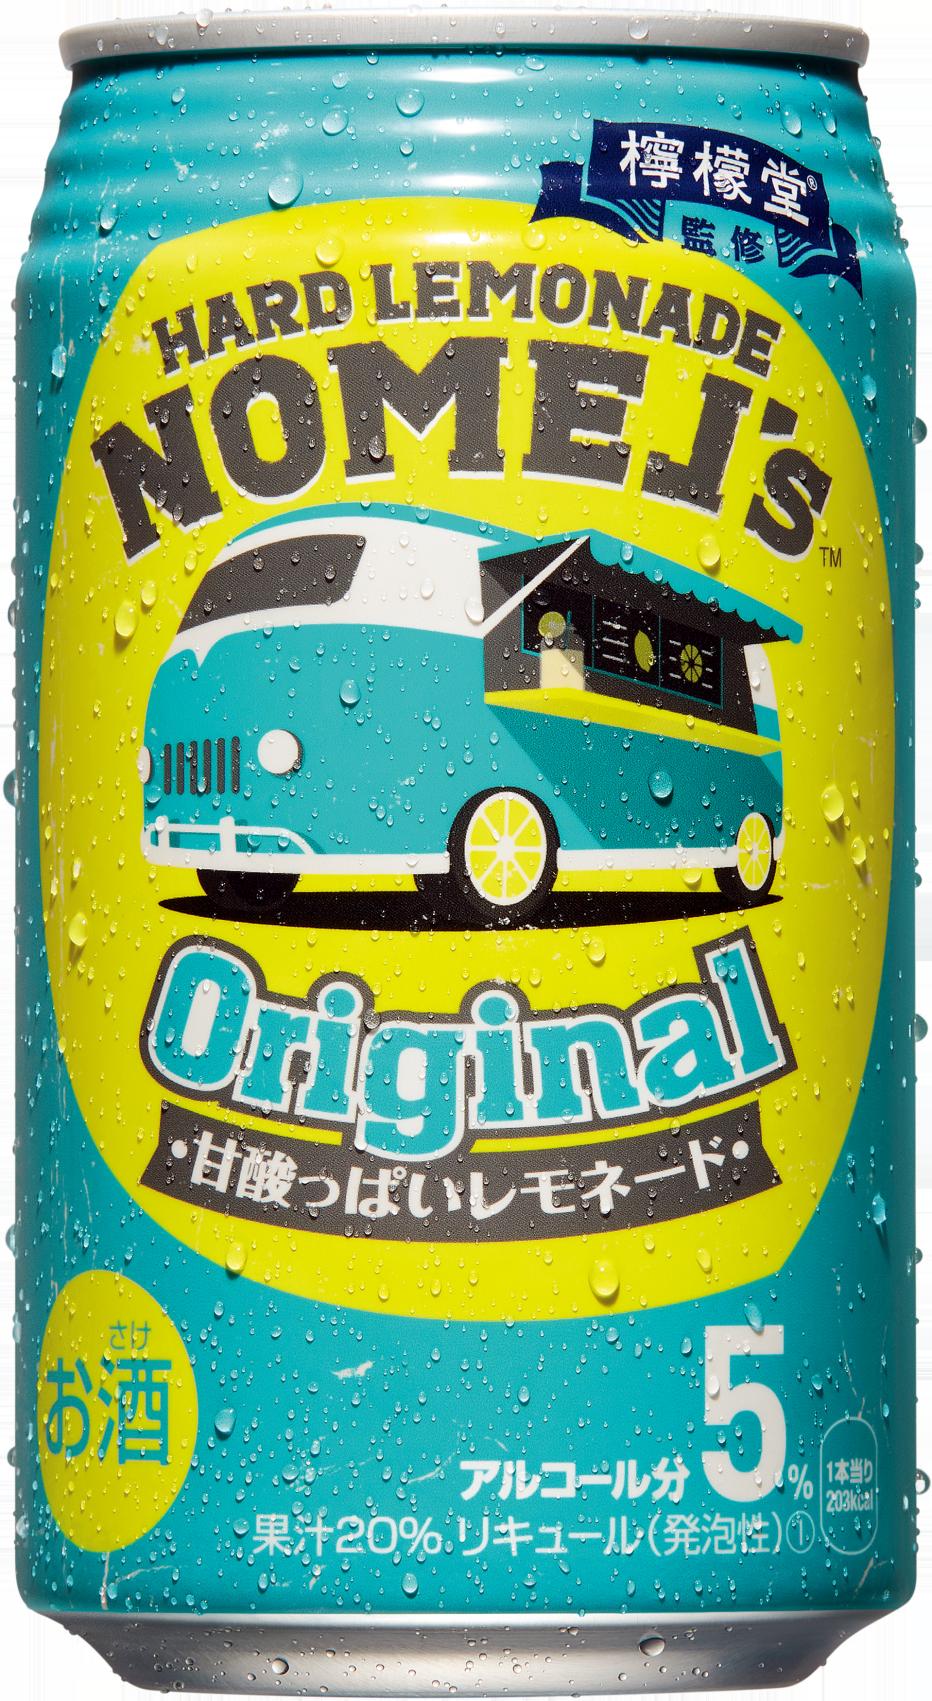 コカ・コーラ社から、「檸檬堂」に次ぐ新たなアルコールブランドが登場!